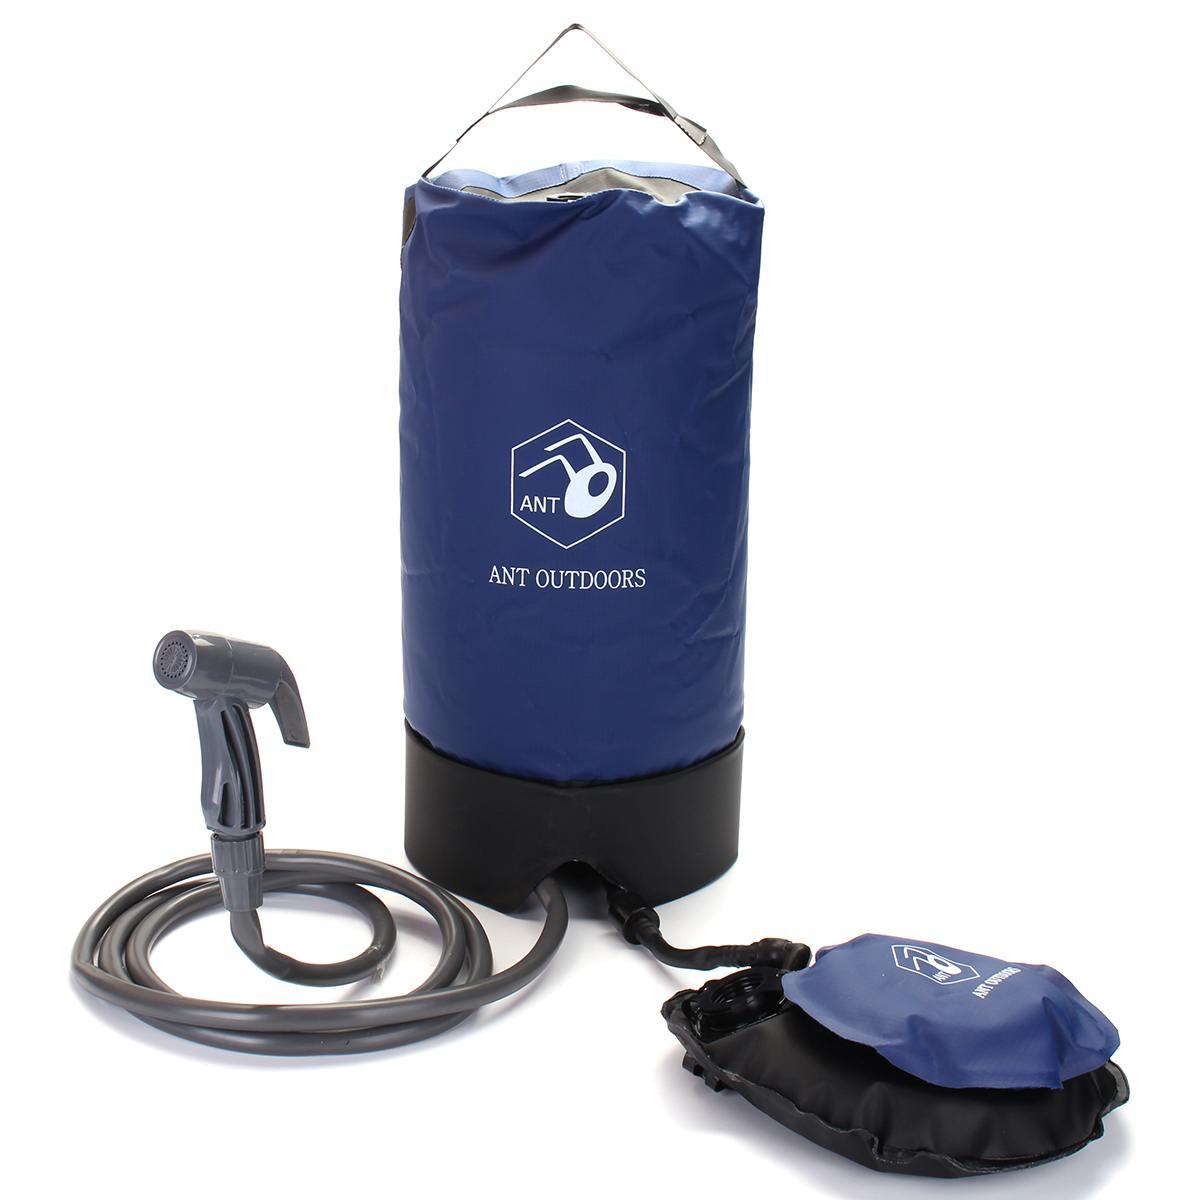 12L gonflable douche pression douche sacs d'eau Portable en plein air randonnée sac de douche pliant baril Camping sacs de stockage d'eau